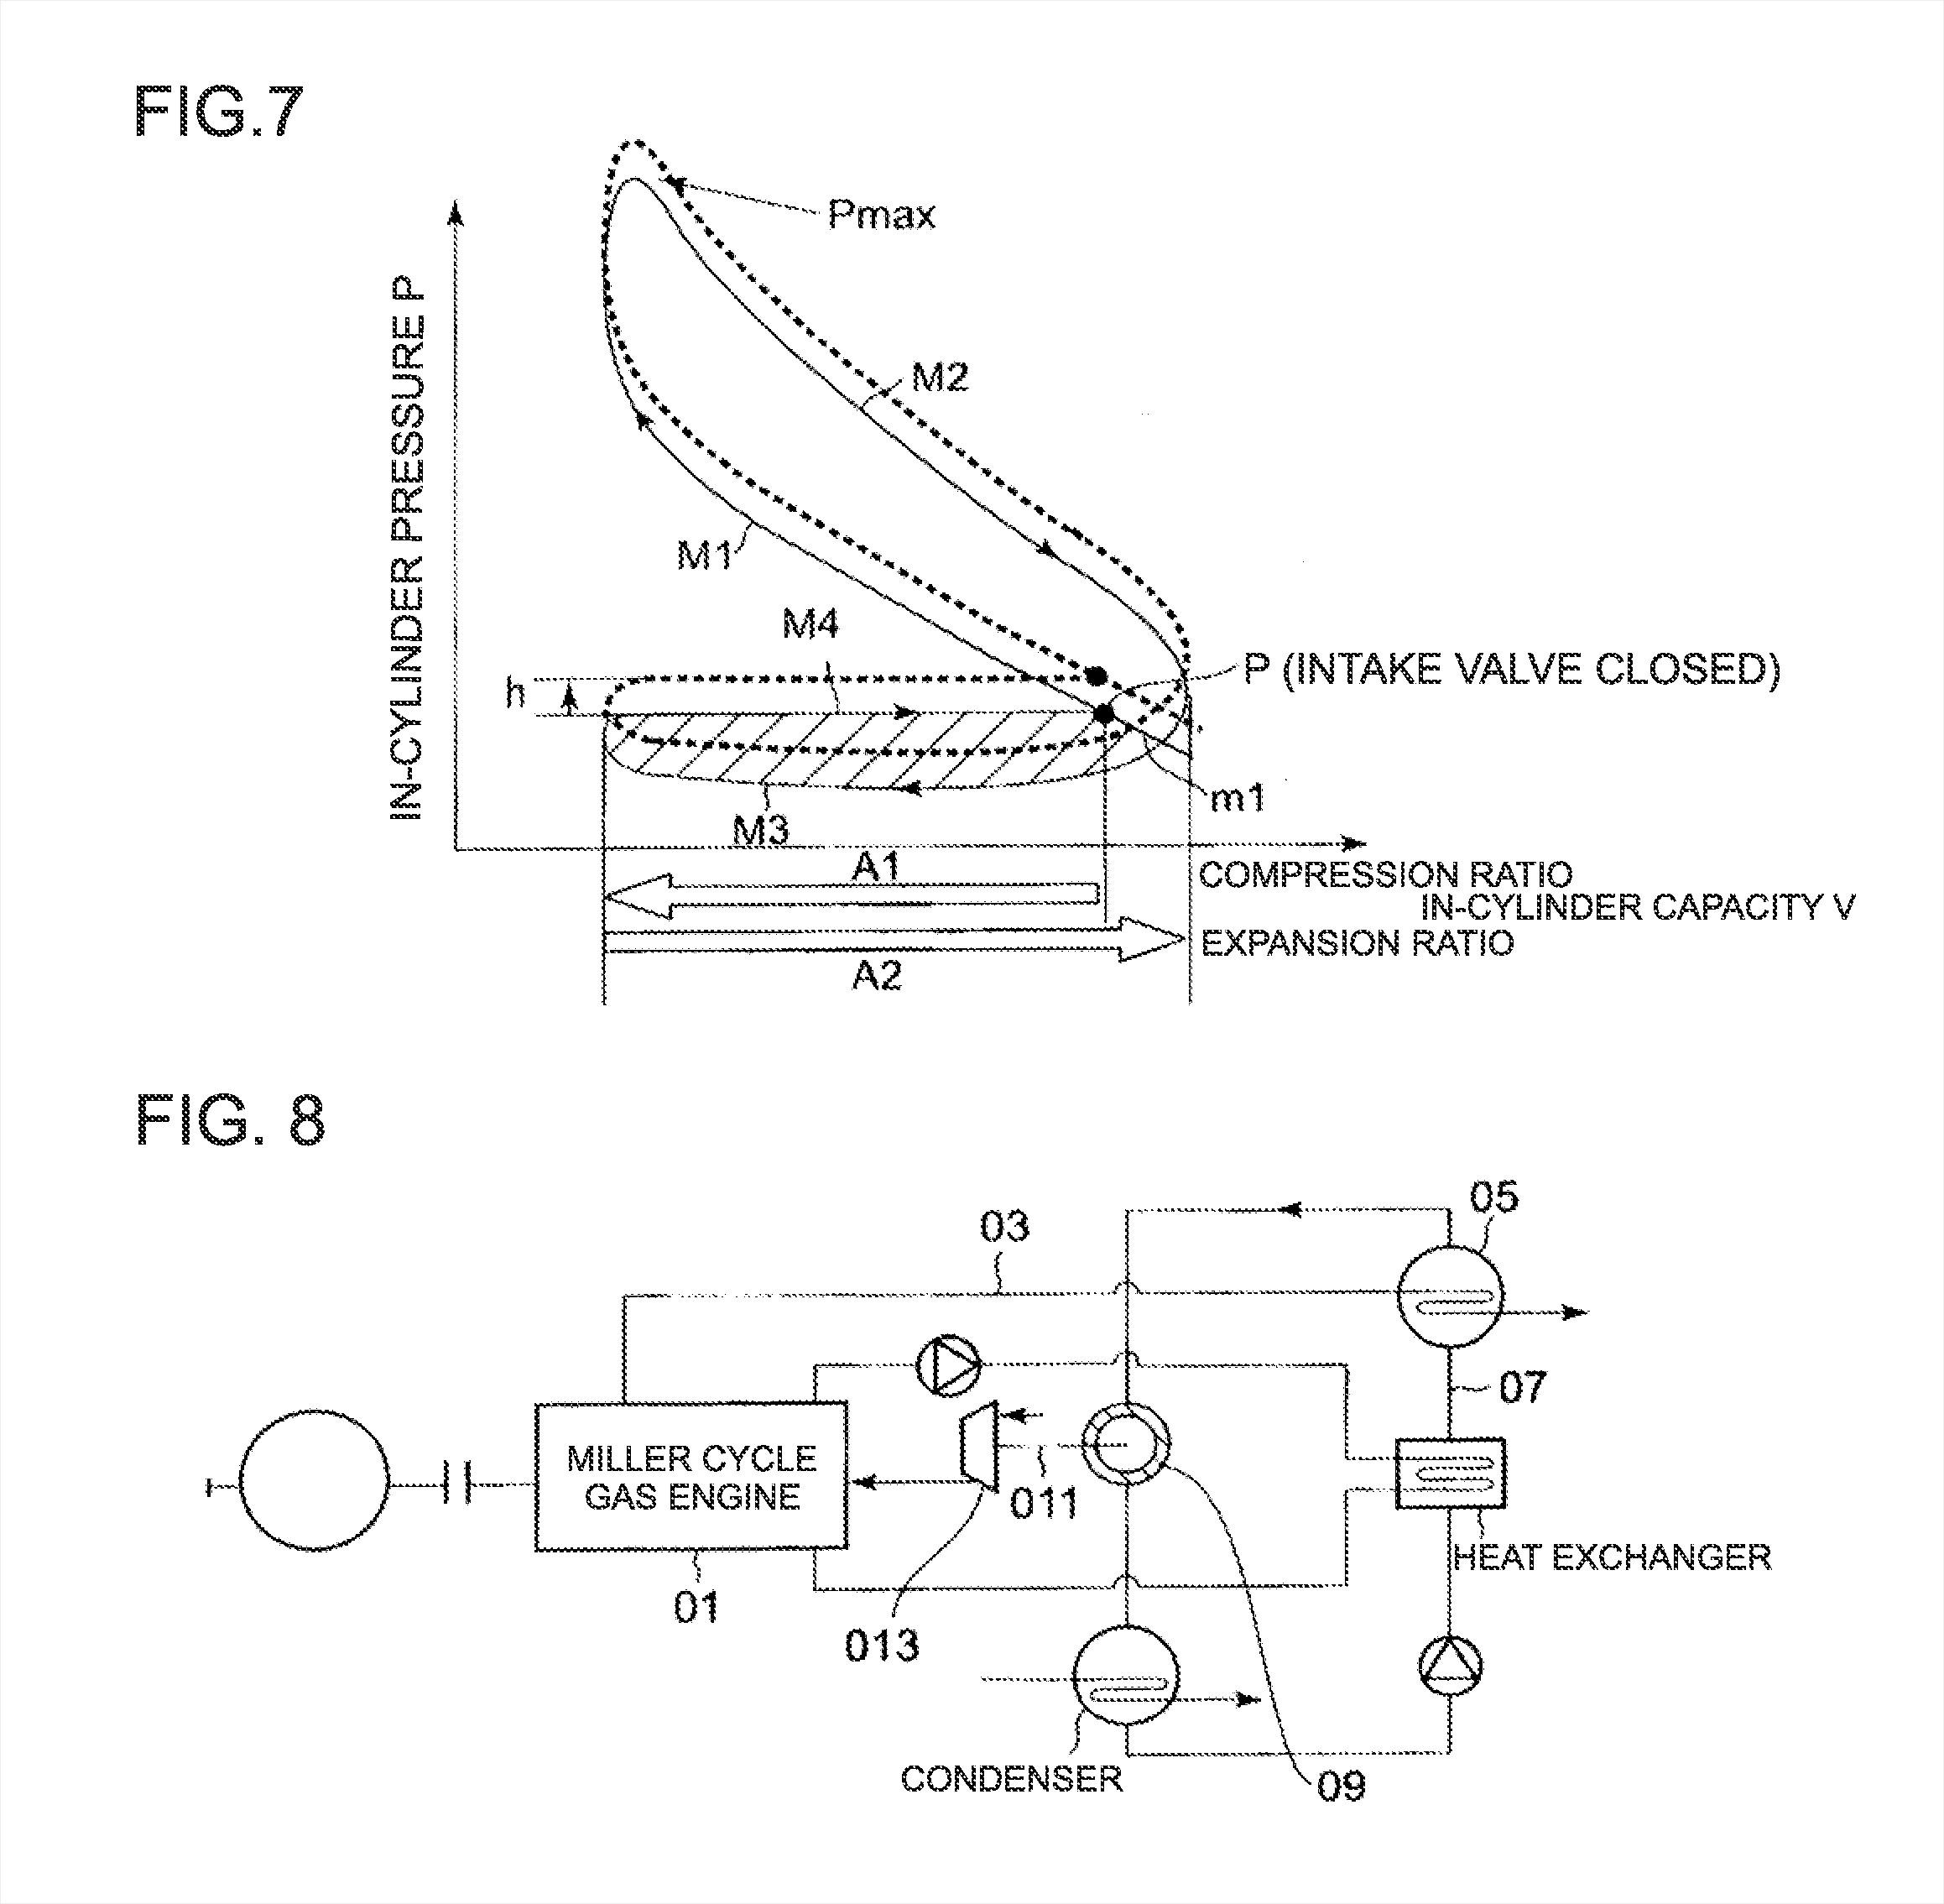 Pv Diagram Of Diesel Engine Pv Diagram for Diesel Engine